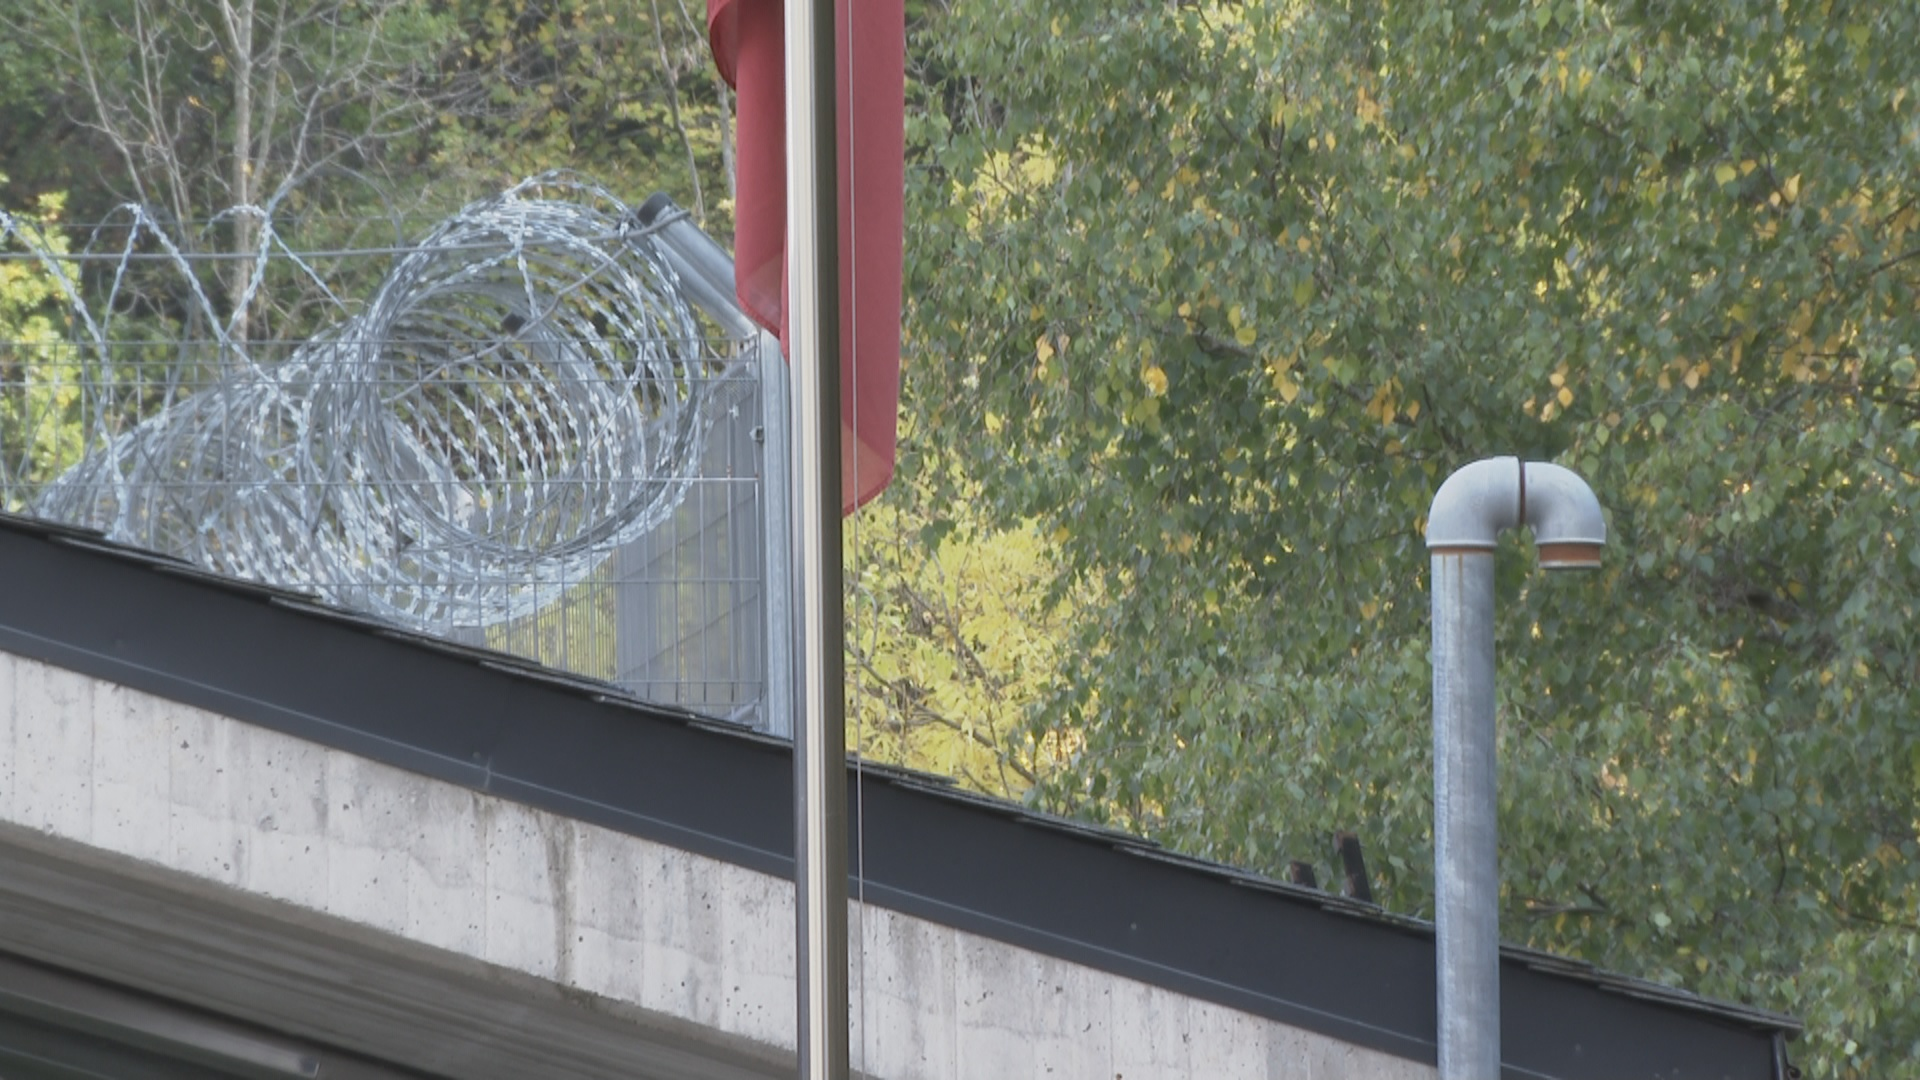 Fonts de la presó confirmen que les alarmes van fallar en la fugida del pres